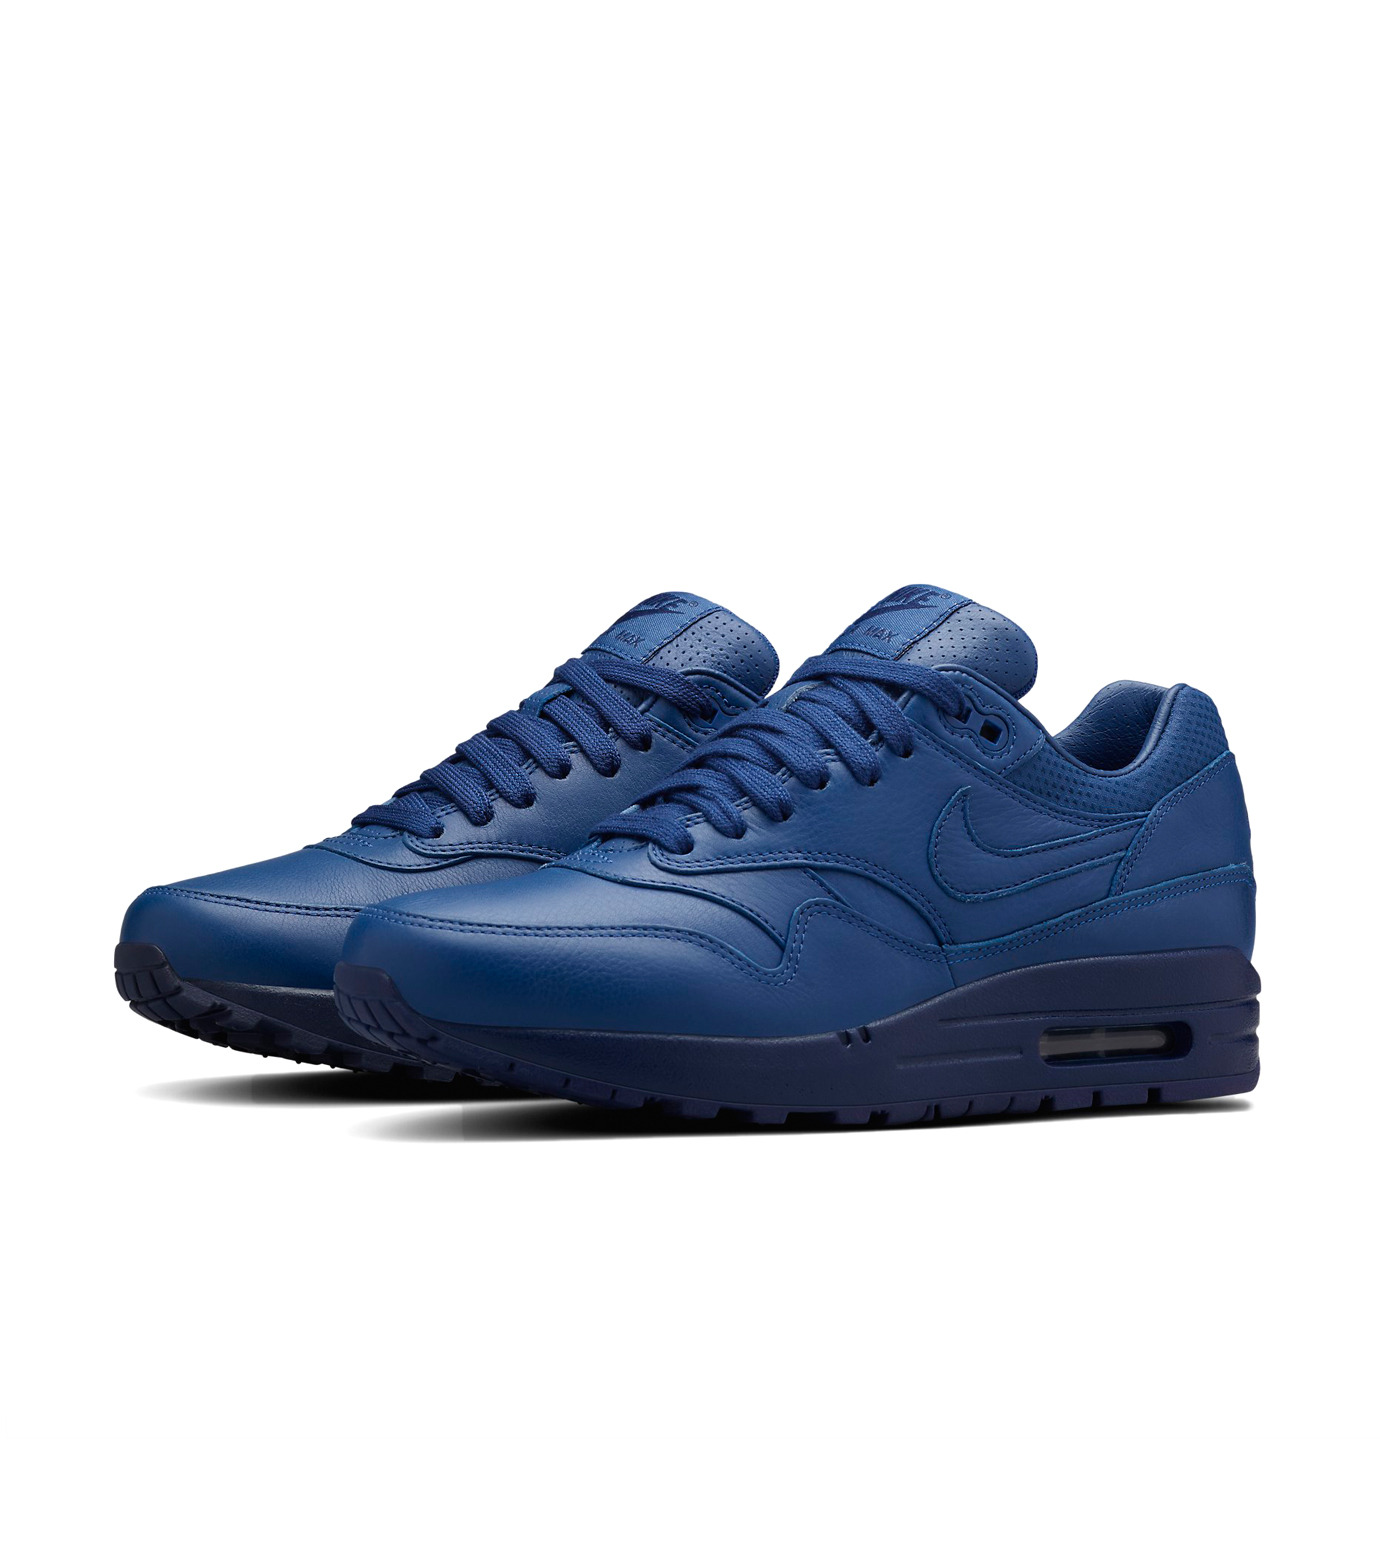 NIKE(ナイキ)のWMNS AIR MAX 1 PINNACLE-BLUE(シューズ/shoes)-839608-400-92 拡大詳細画像3